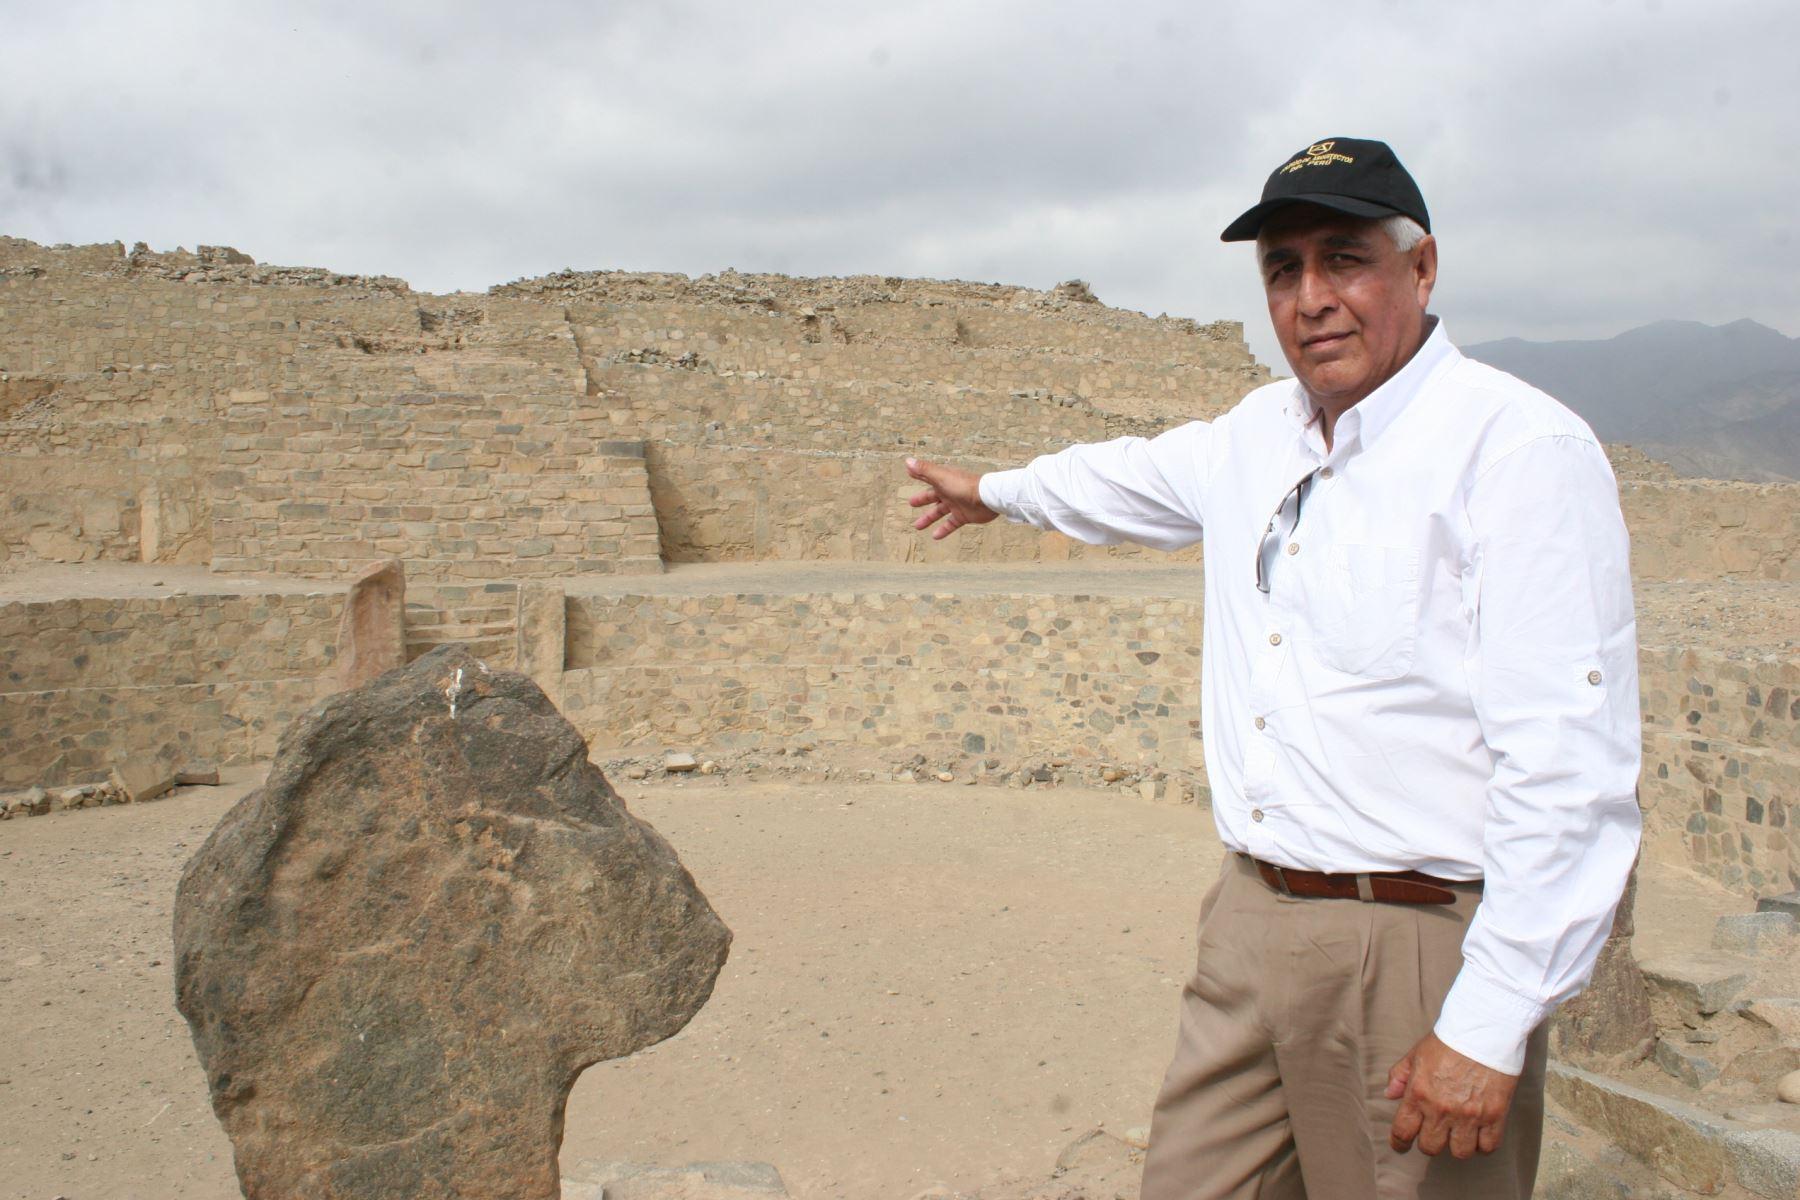 Arquitectos peruanos preparan cita mundial en el valle Sagrado de Caral. Foto: Andina/Difusión